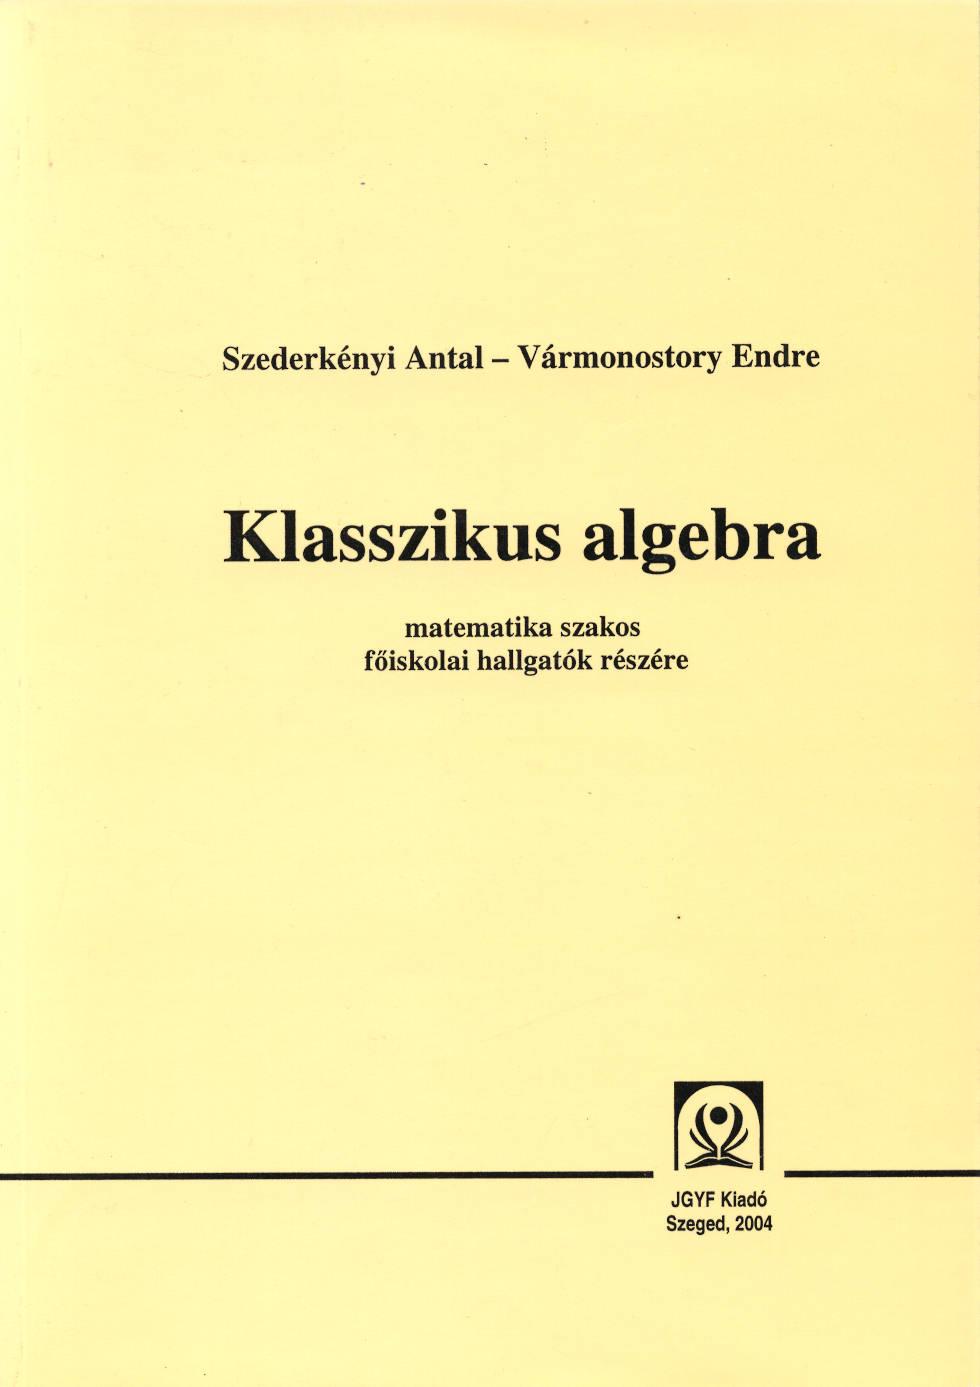 Klasszikus algbera - JGYFK